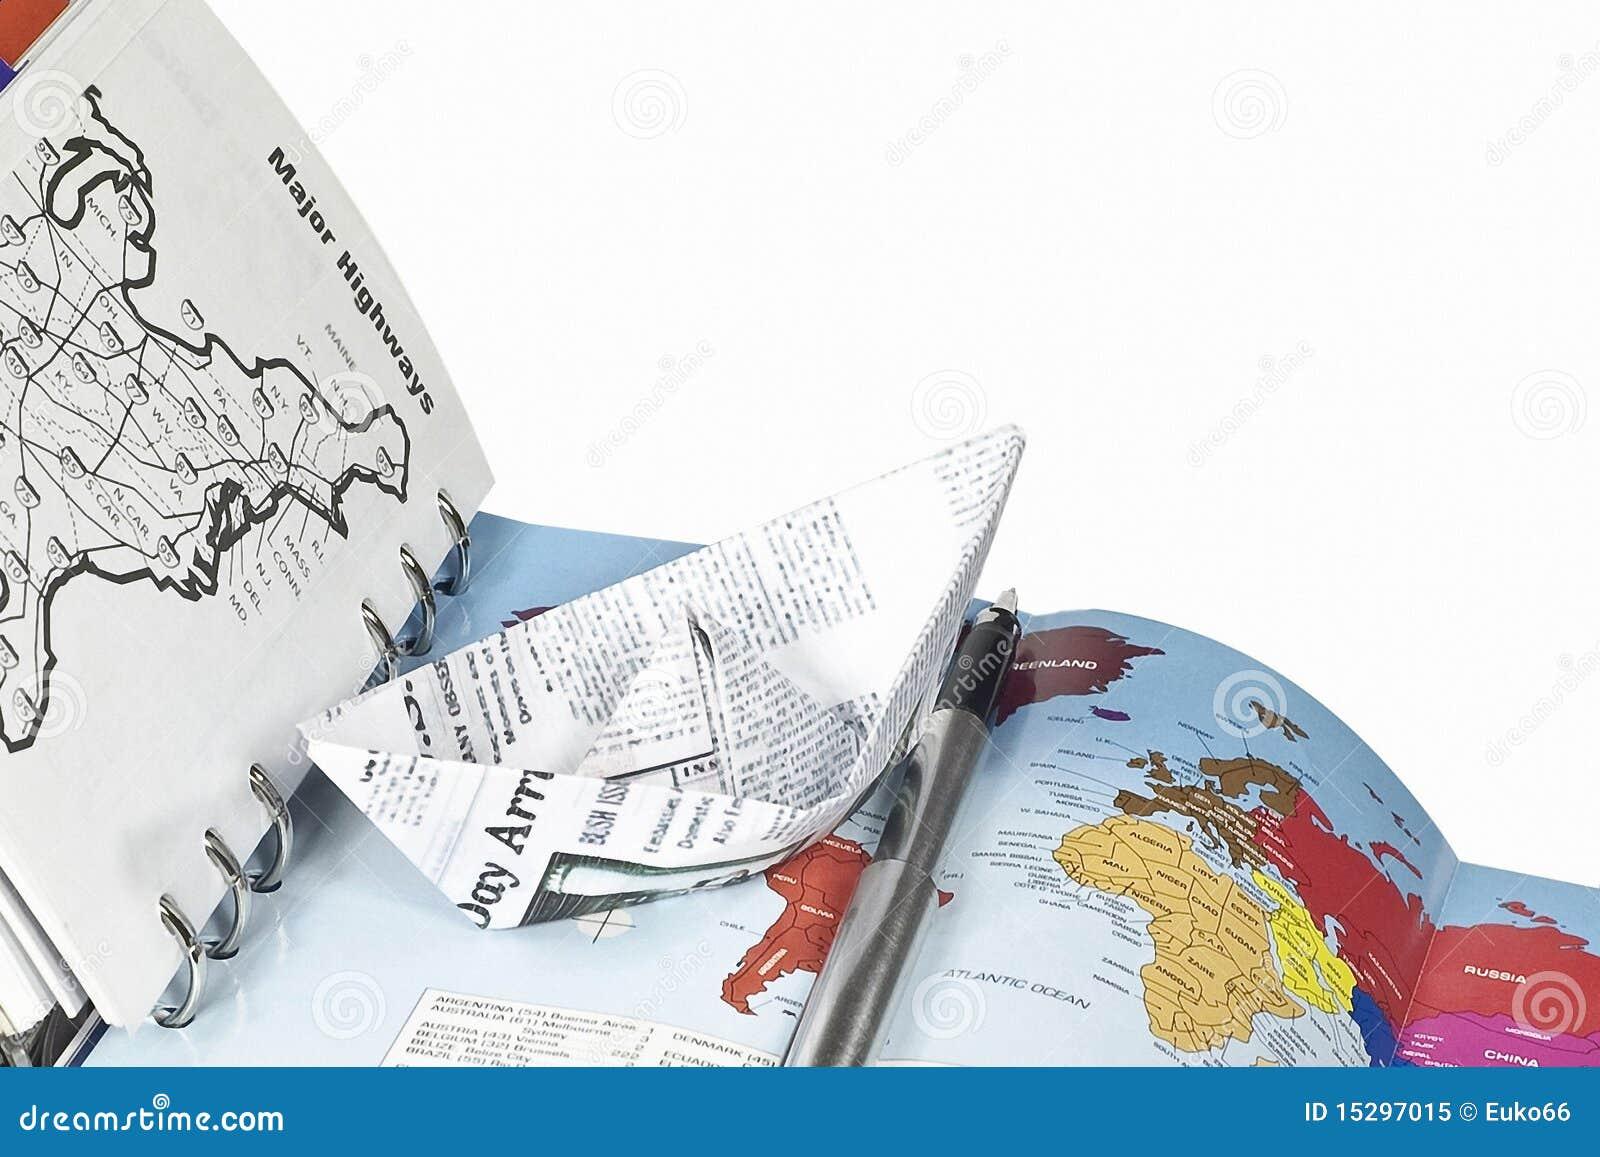 Planification de course (un cahier et un bateau de papier)